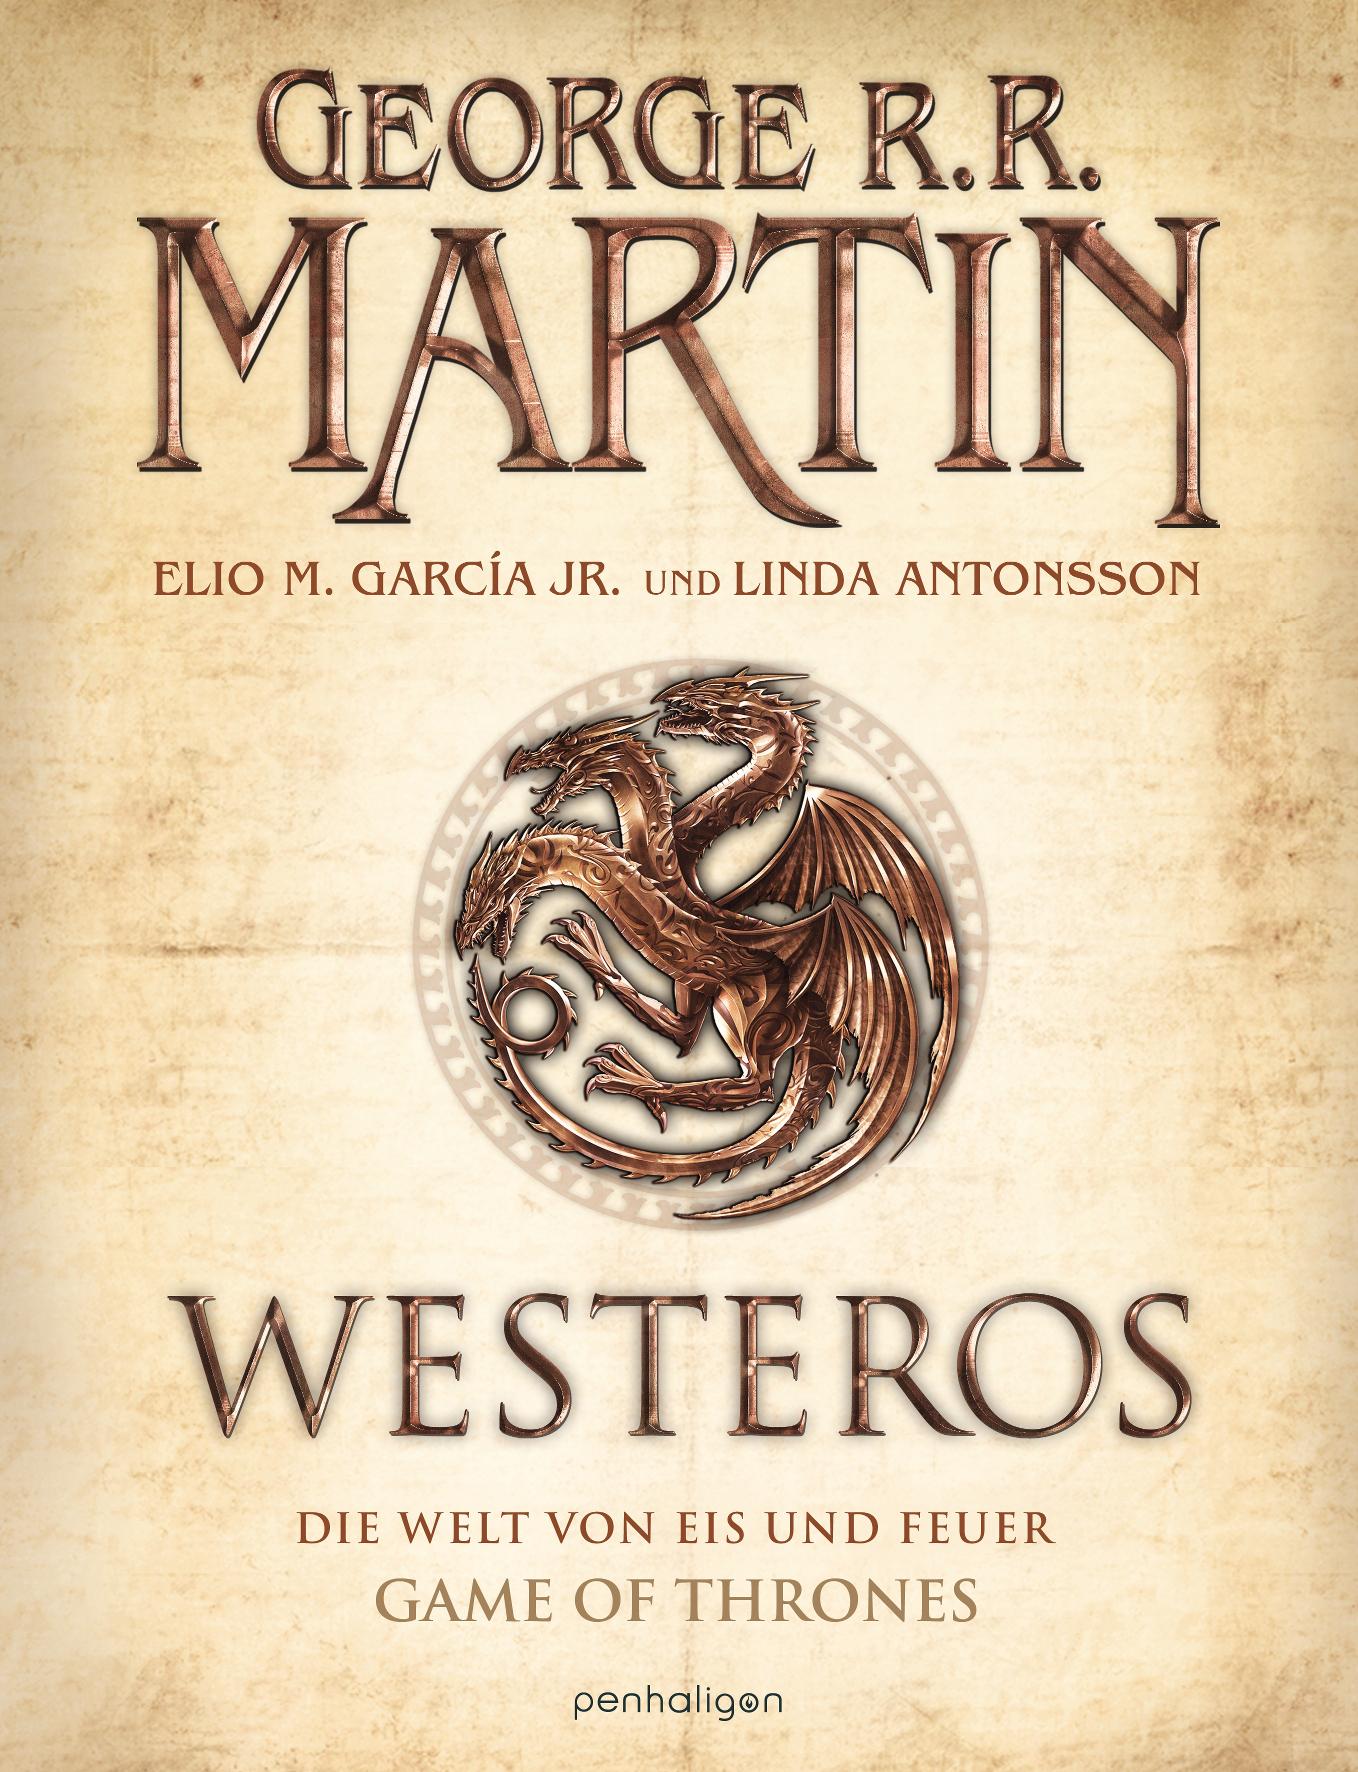 Martin_GWesteros_Die_Welt_von_Eis_und_151773_kleiner